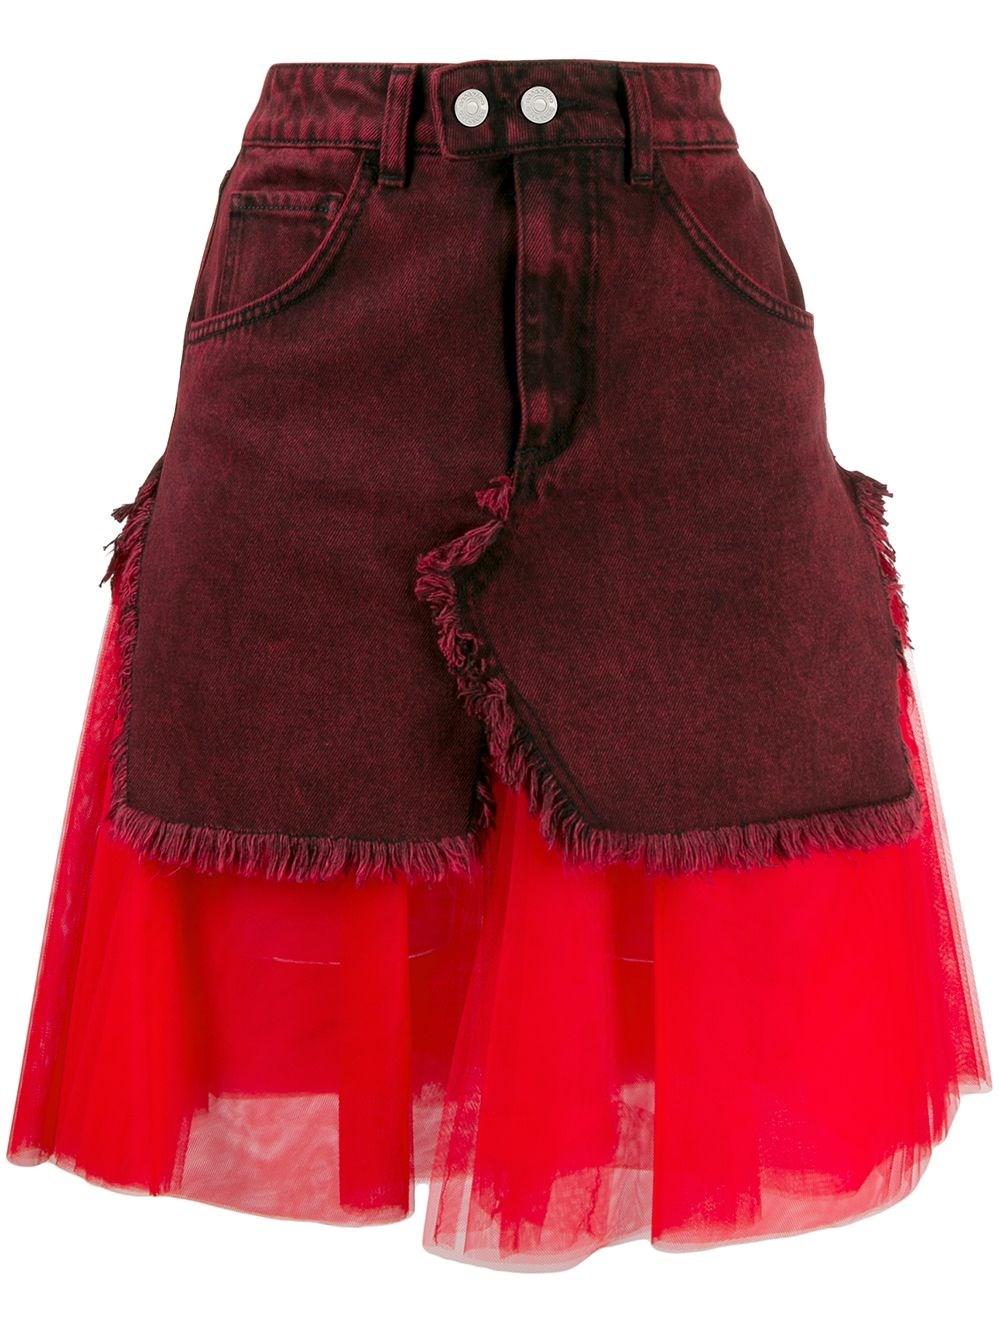 BROGNANO Layered Fabric Mix Skirt